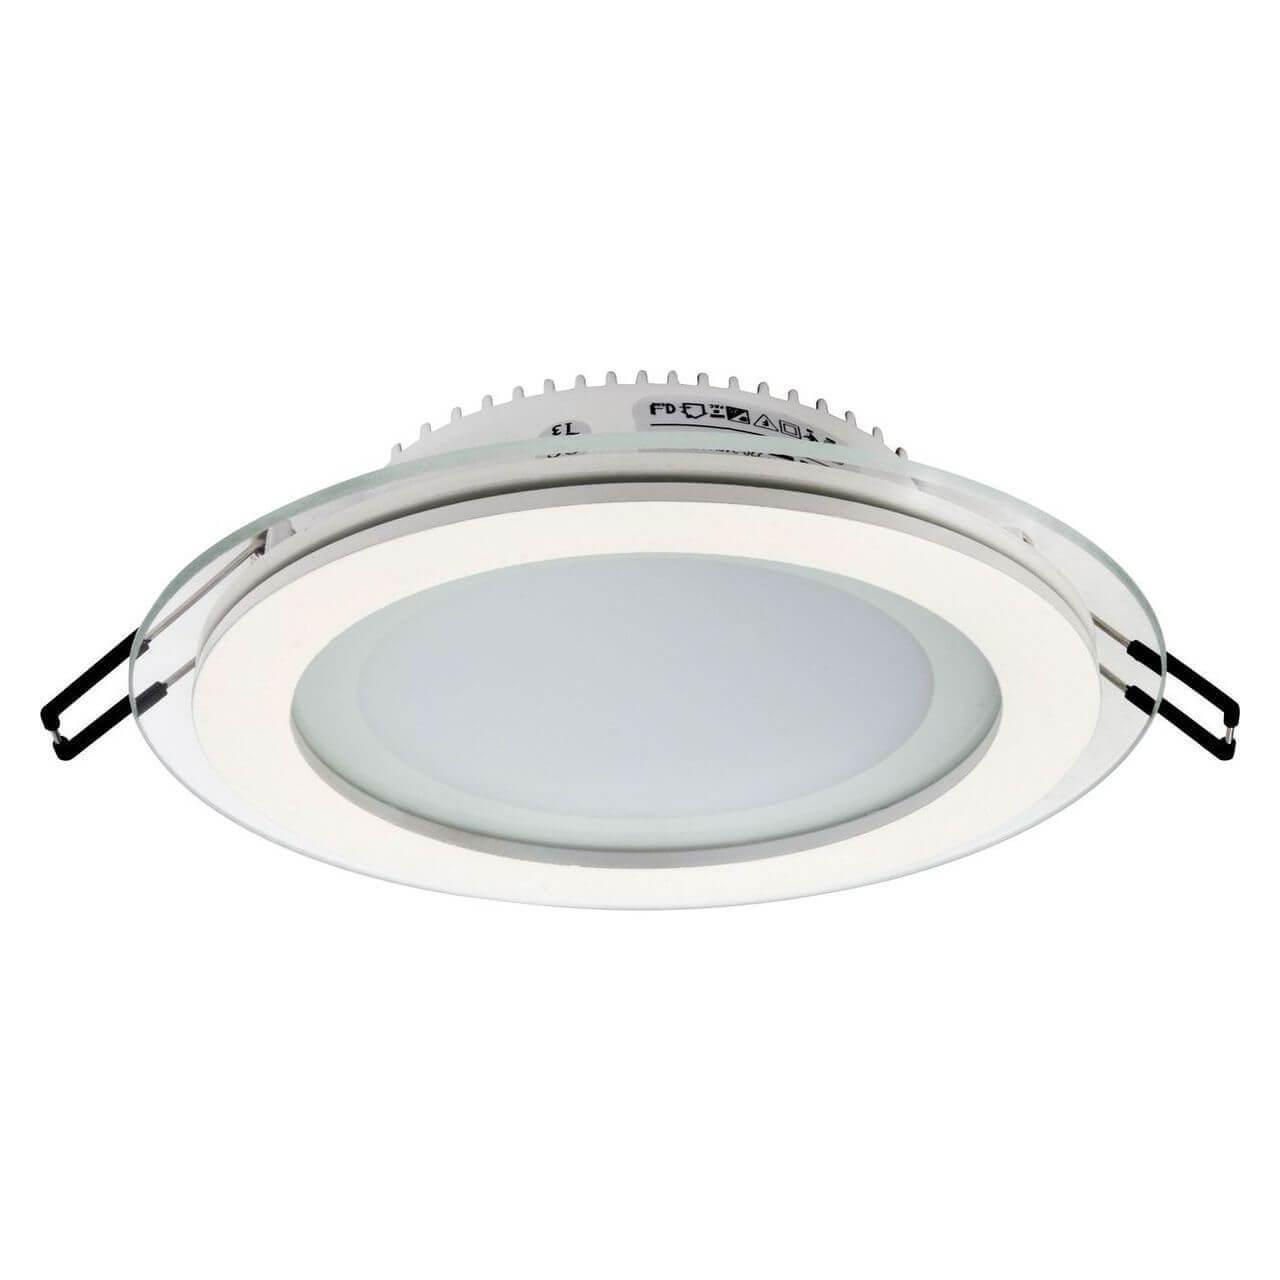 Встраиваемый светодиодный светильник Horoz Clara-12 12W 4200К белый 016-016-0012 (HL688LG) подвесной светодиодный светильник horoz sembol голубой 020 006 0012